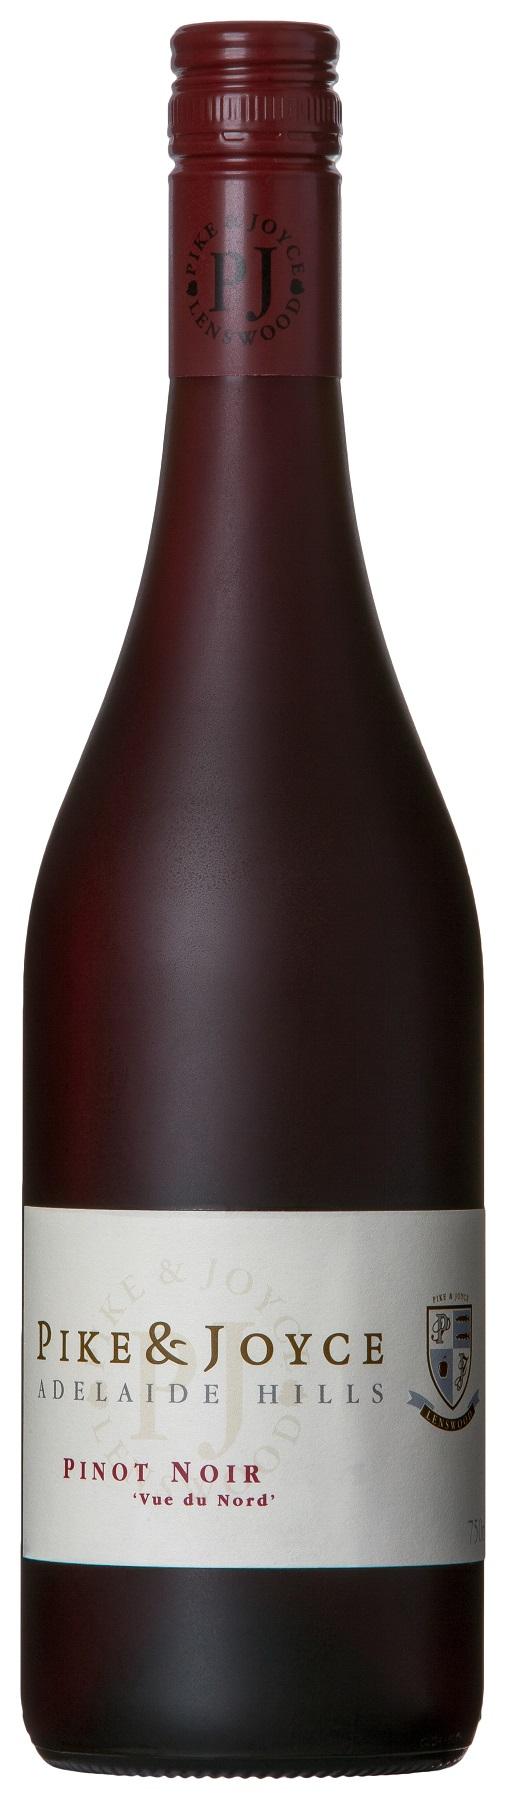 Pike Joyce Vue du Nord Pinot Noir